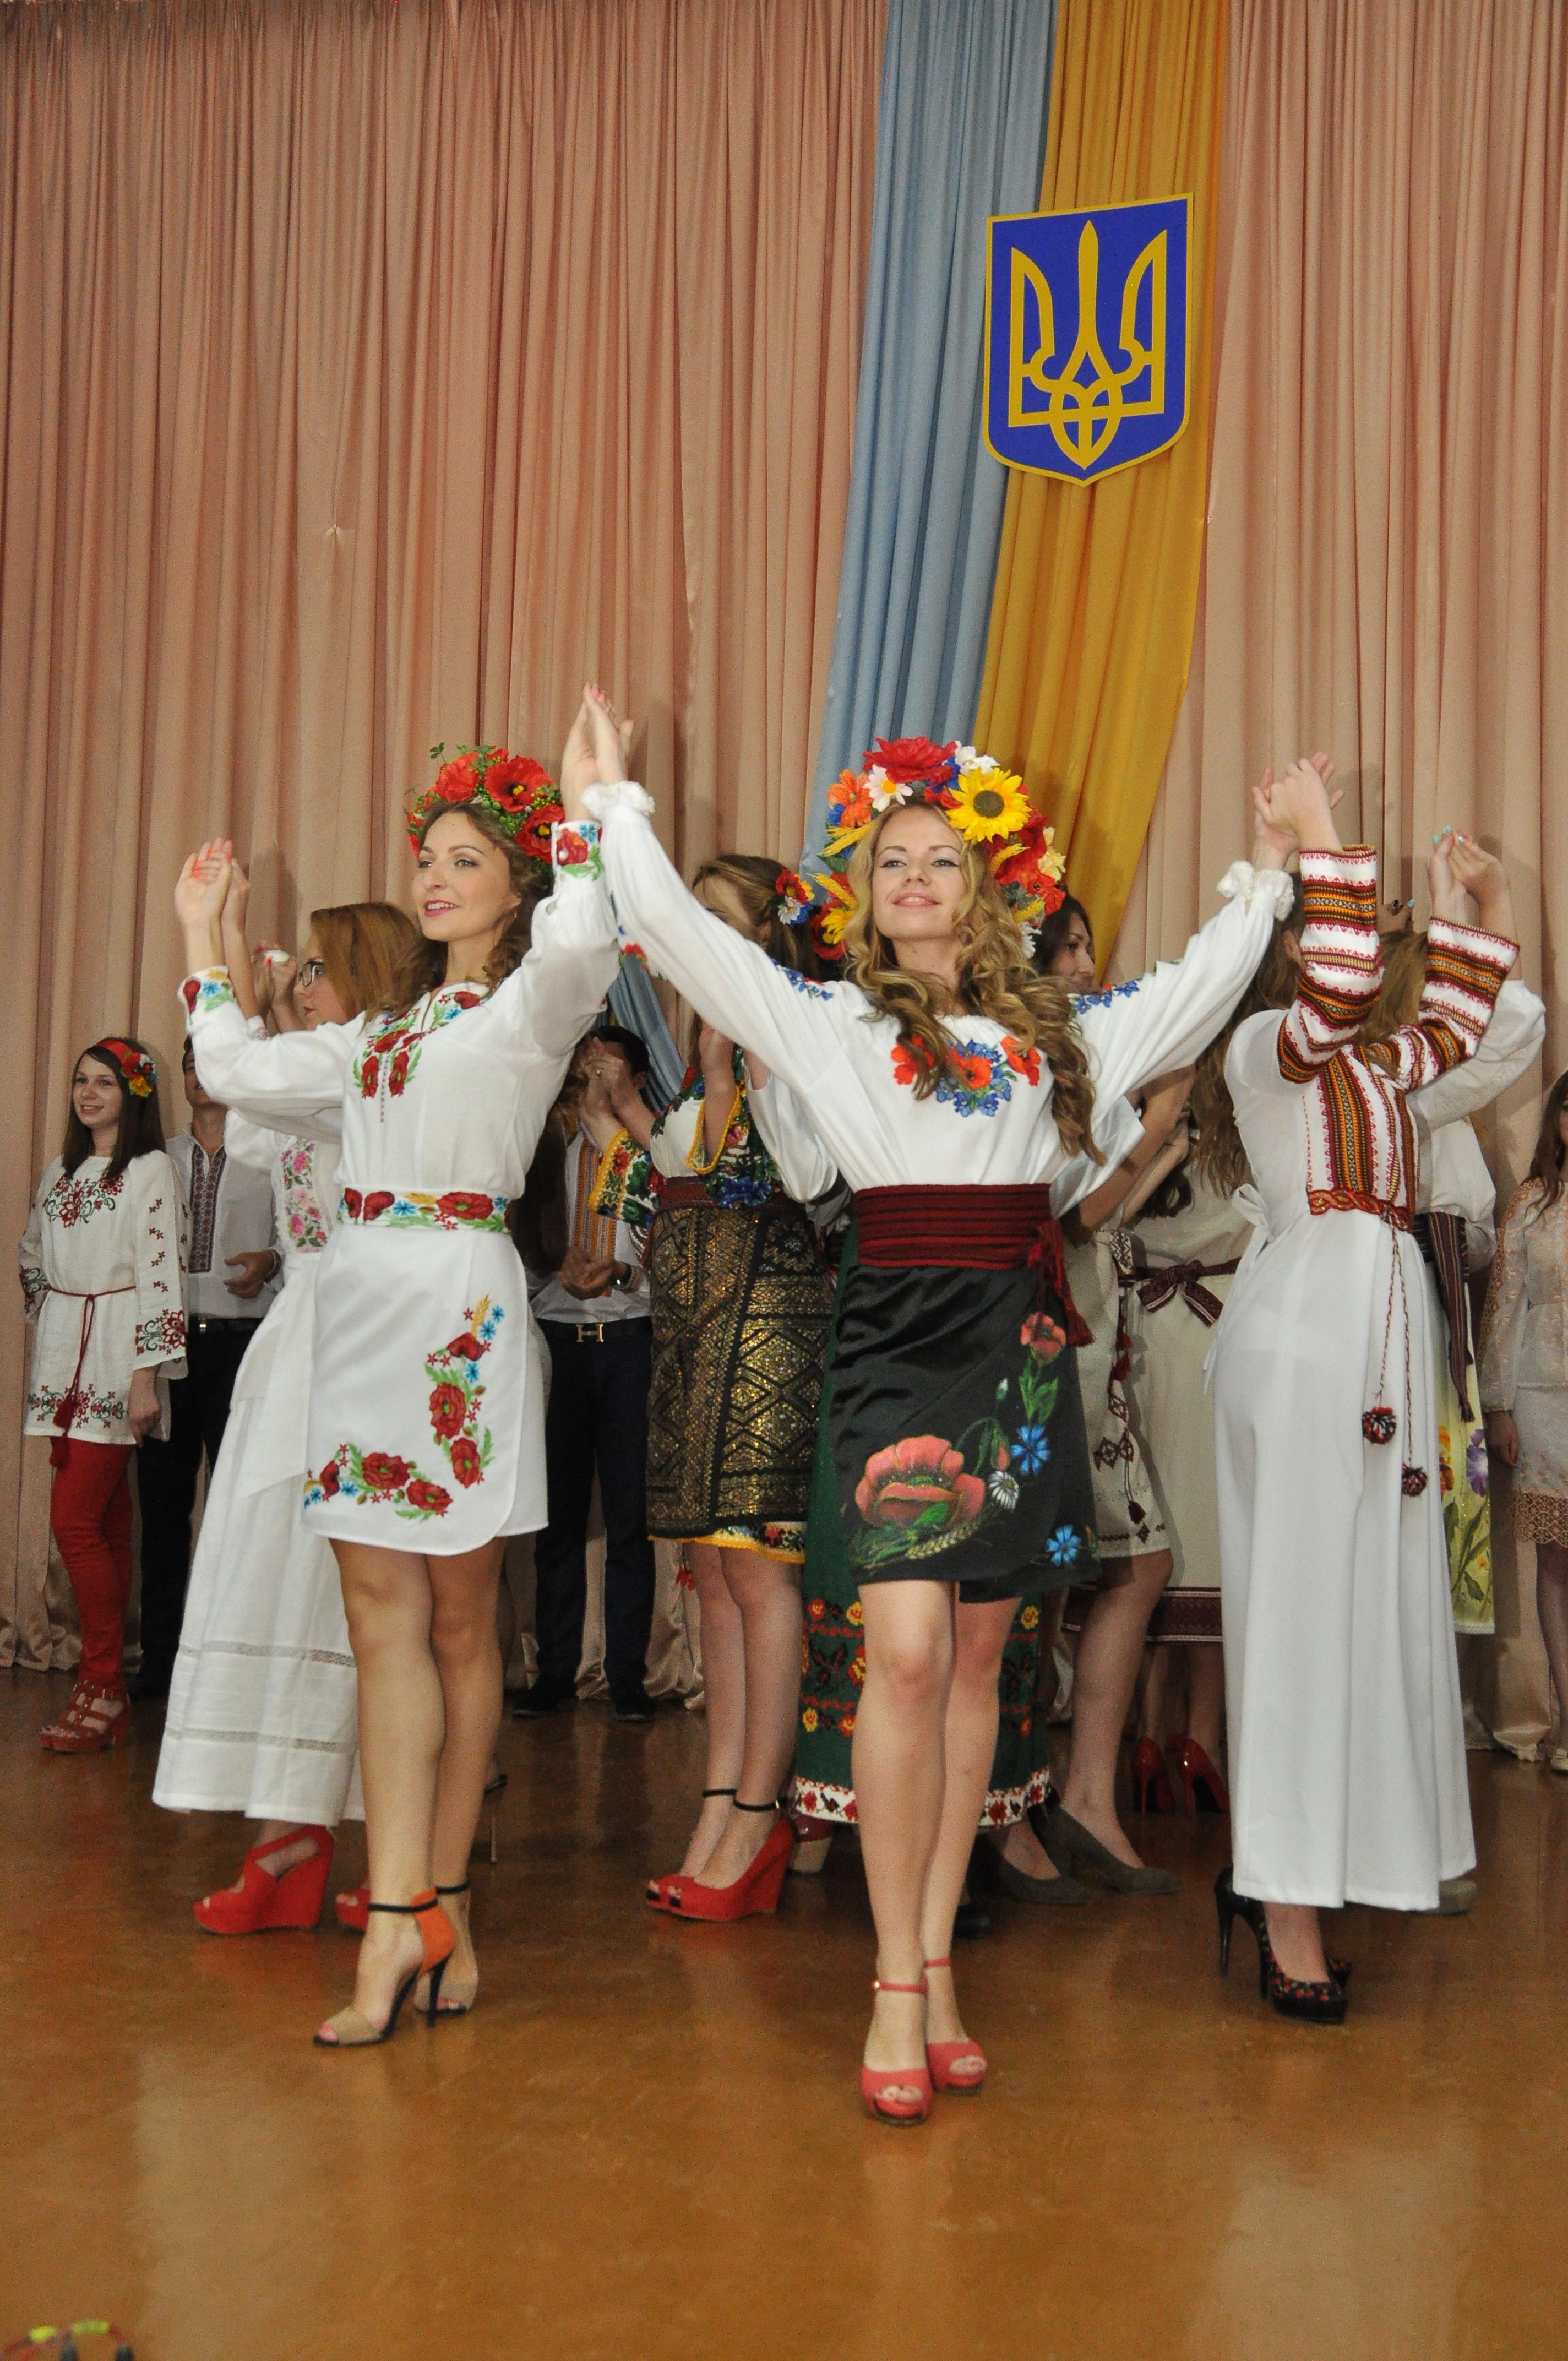 Litni-shkoly-15077401